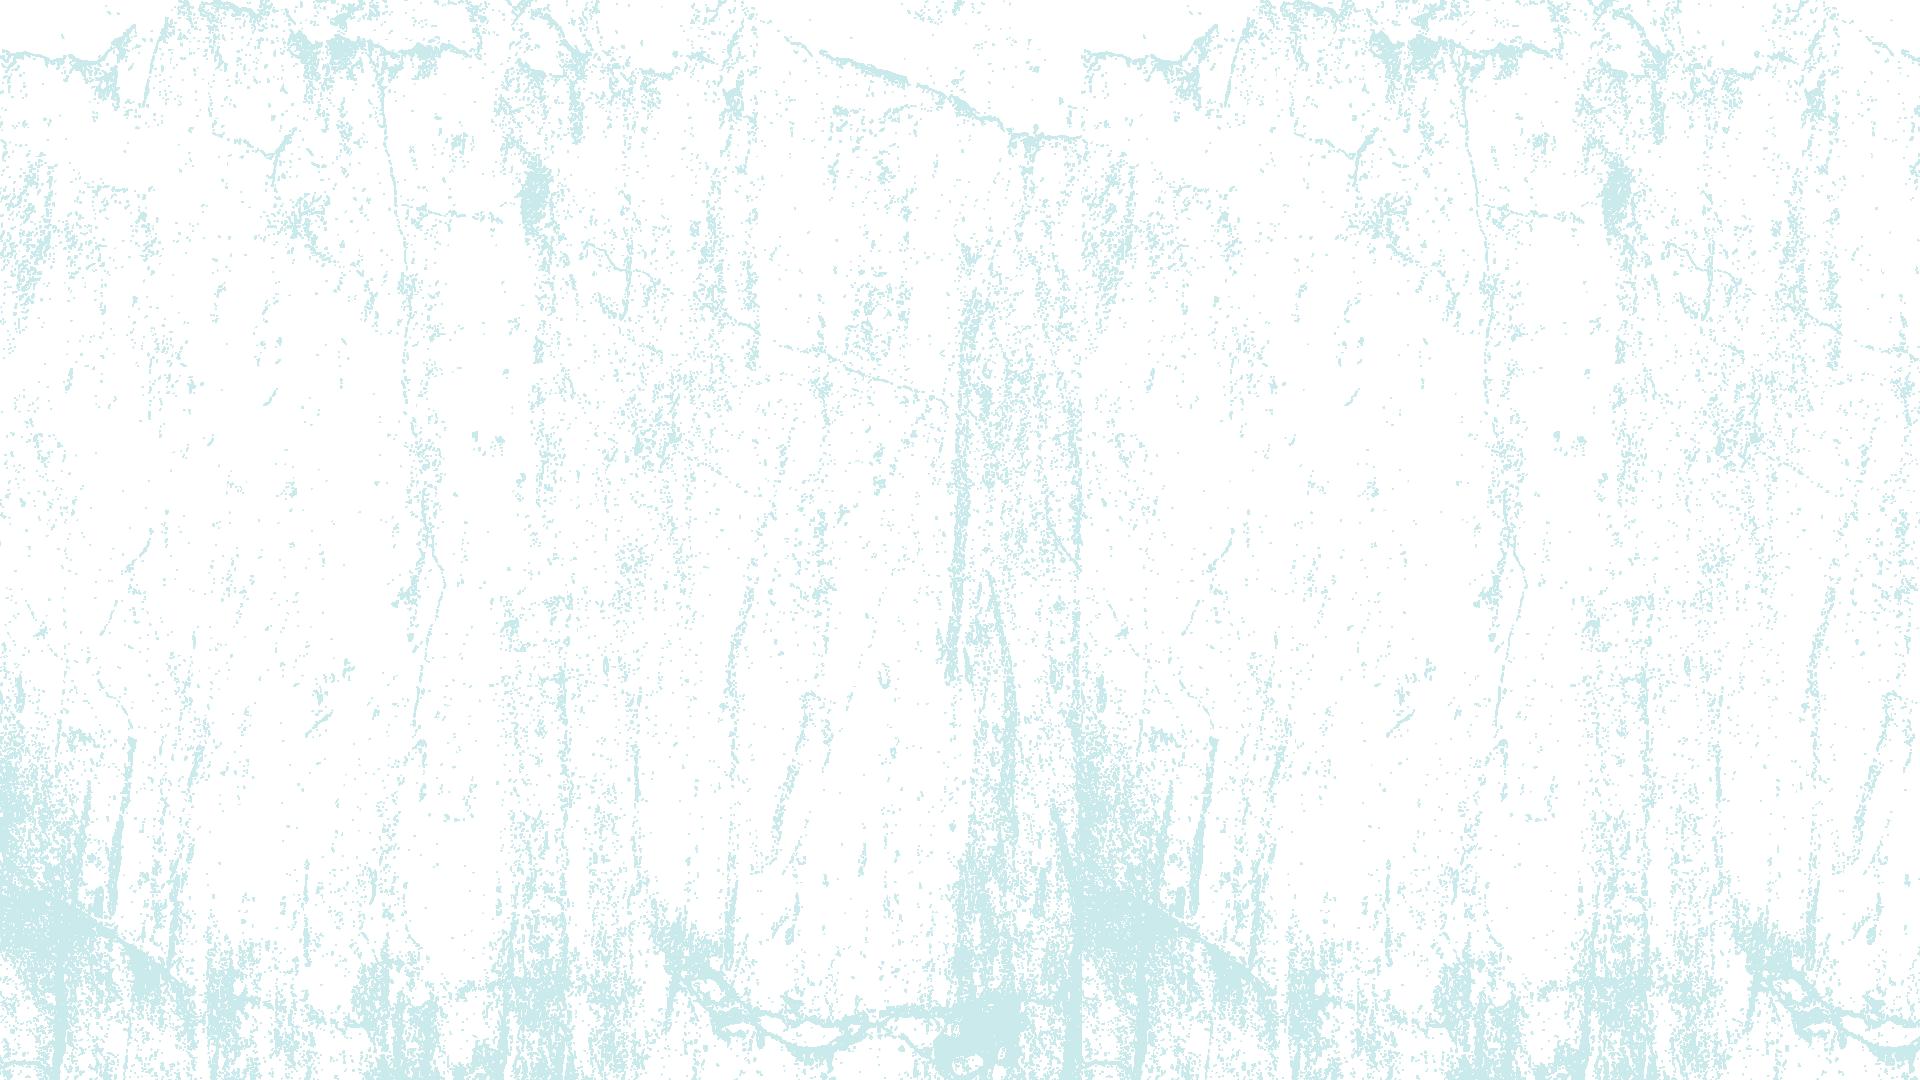 Grunge-Background-Blue-1920×1080